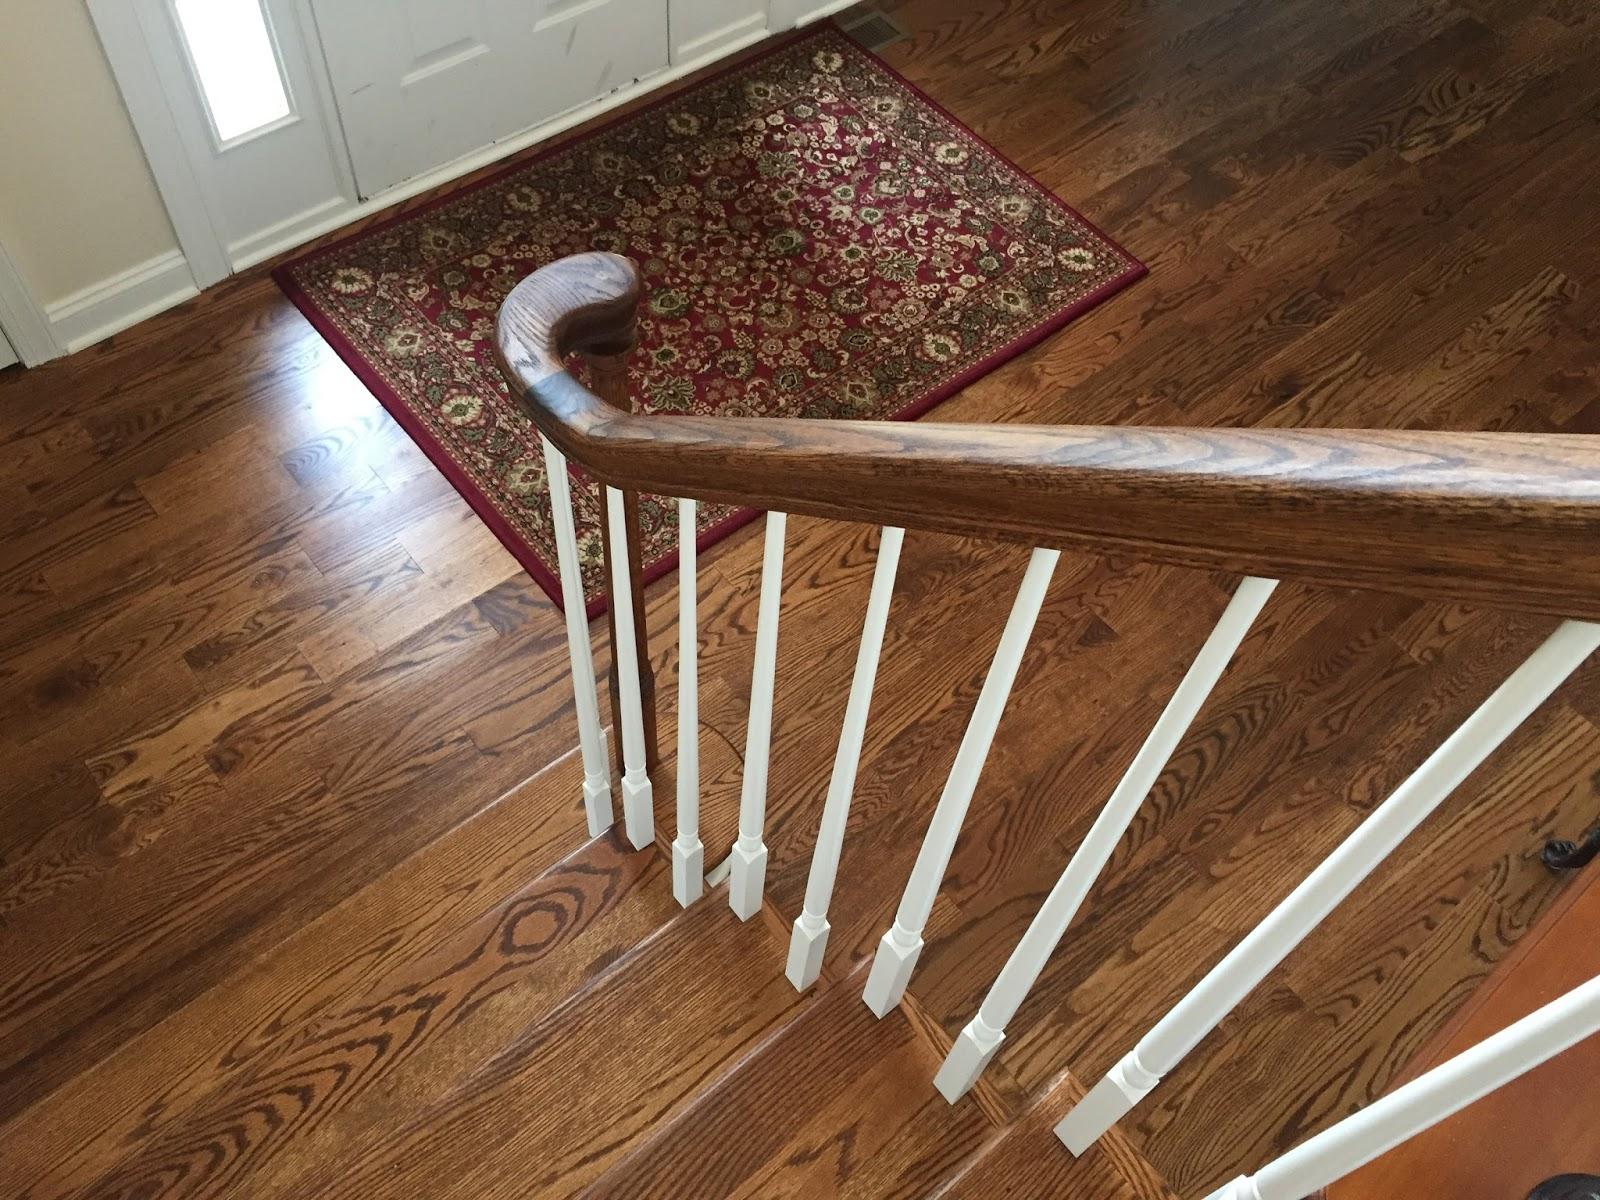 Hardwood Floors in Foyer